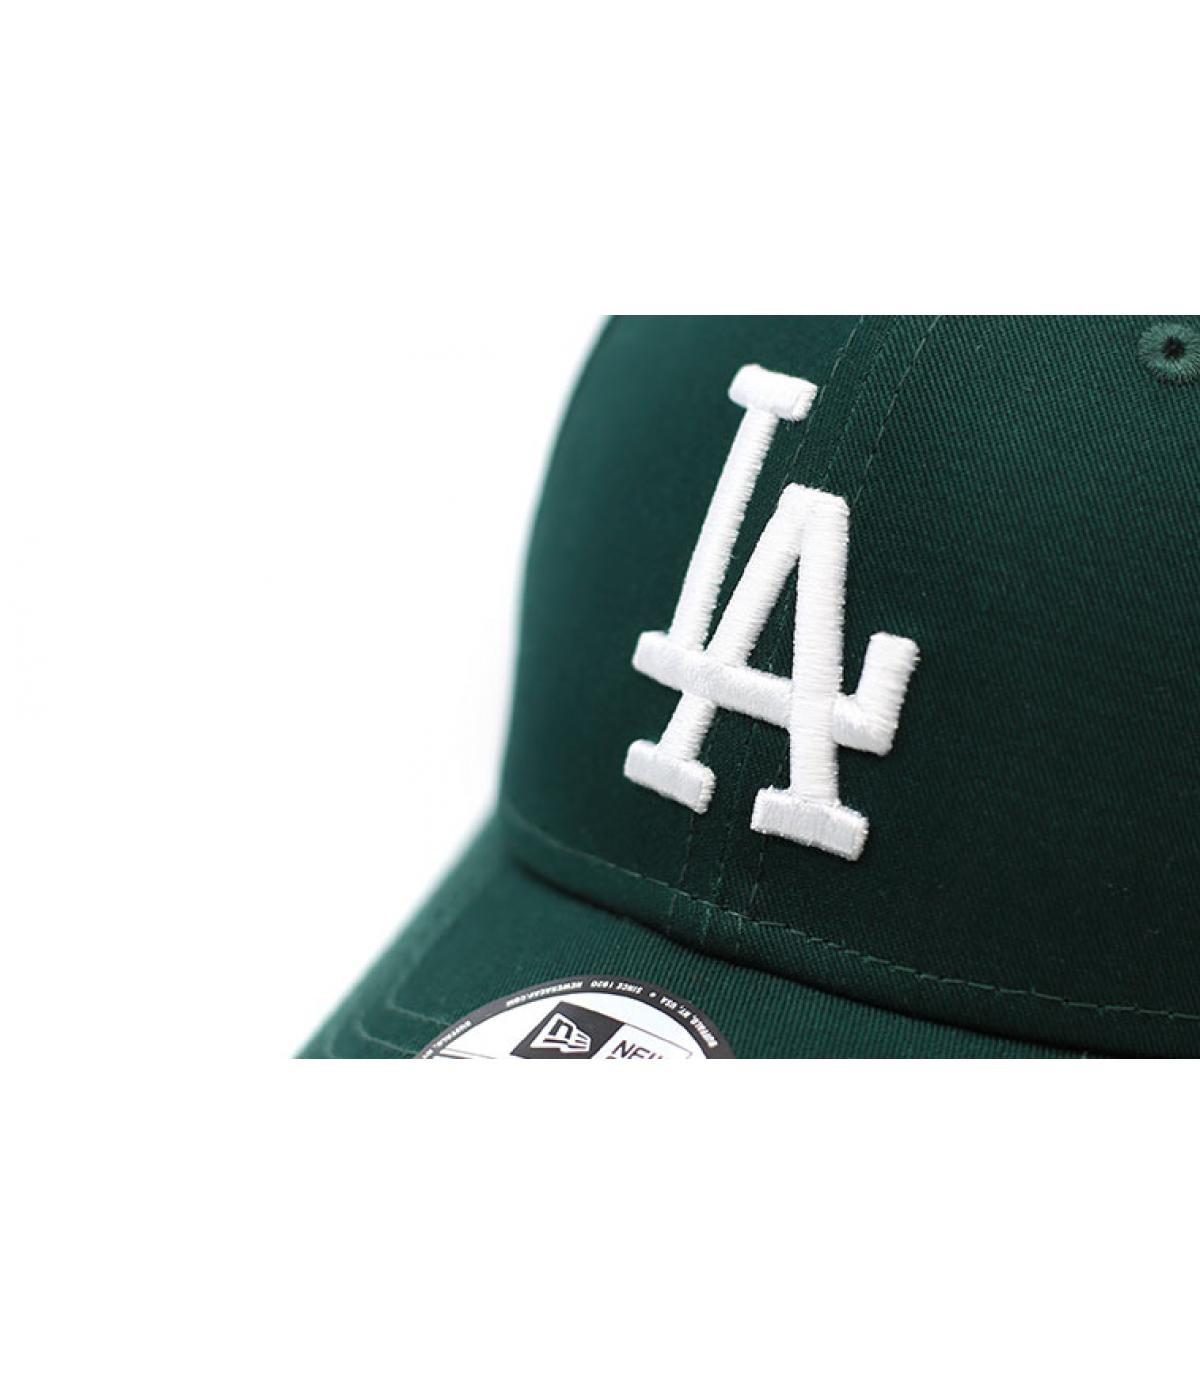 Details Cap League Ess 9Forty LA dark green - Abbildung 3